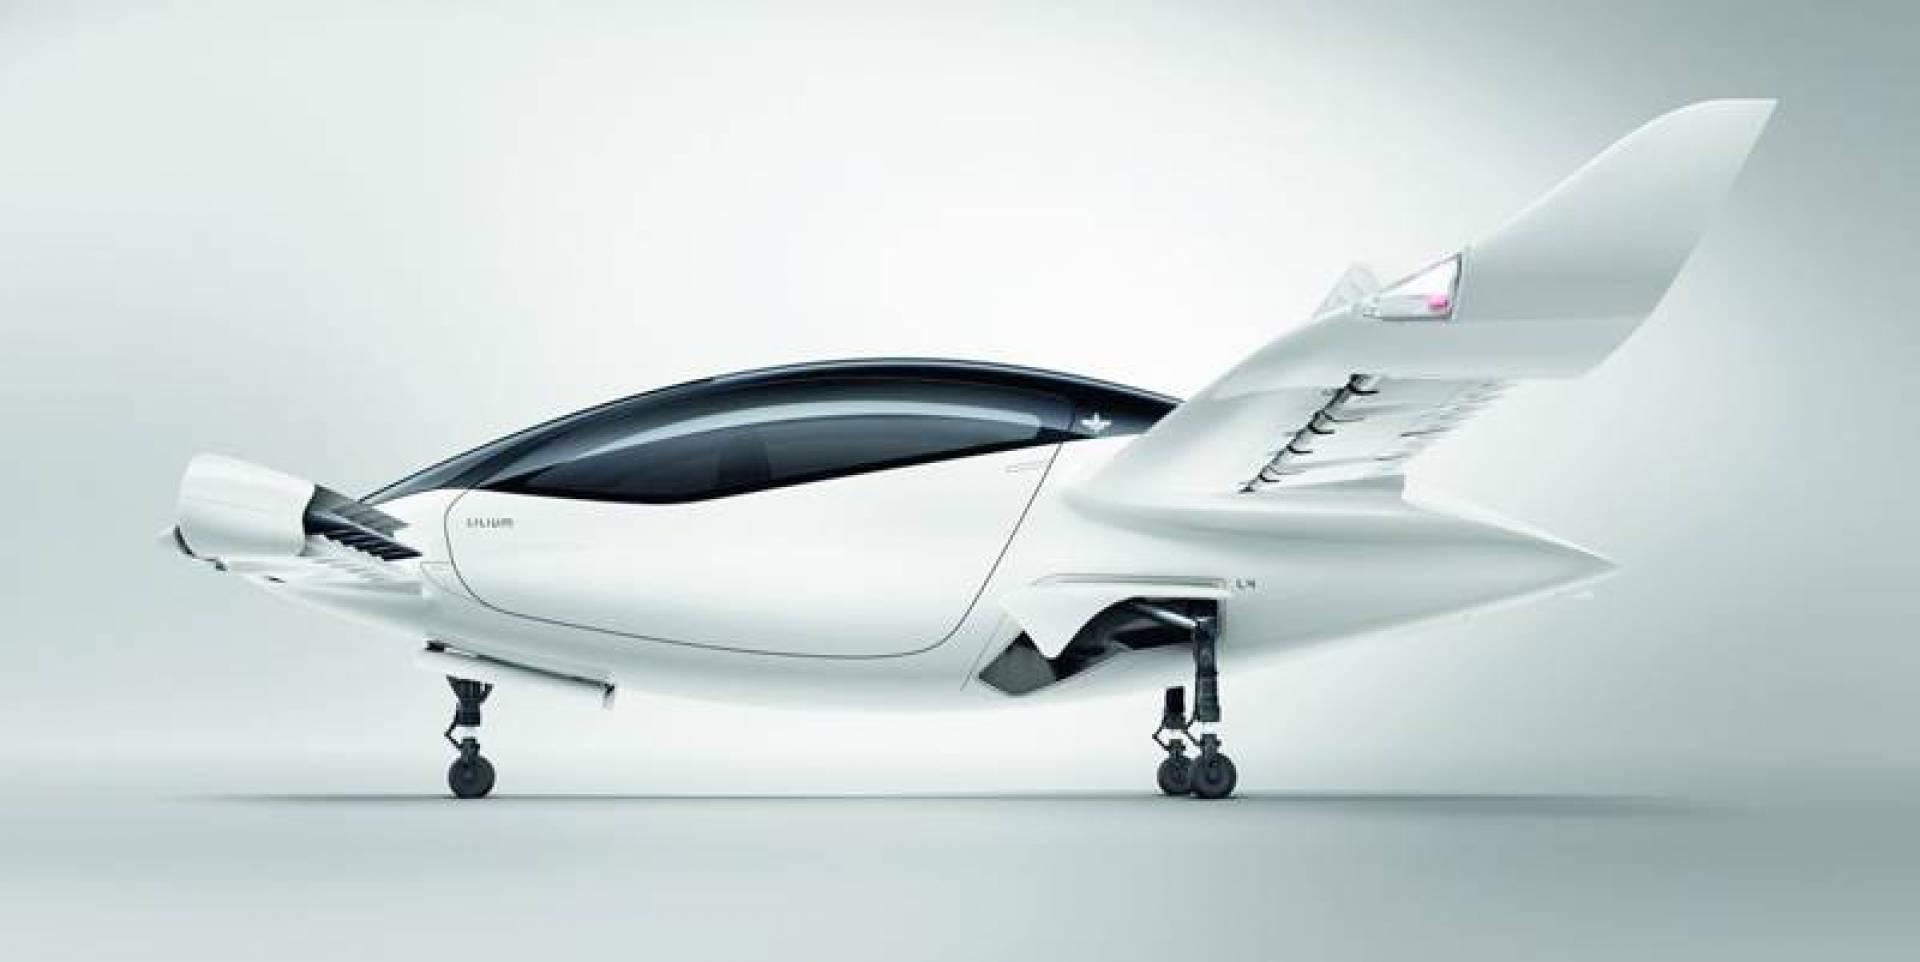 شركة ألمانية تطور الطائرات الكهربائية.. بلغت قيمتها مليار دولار